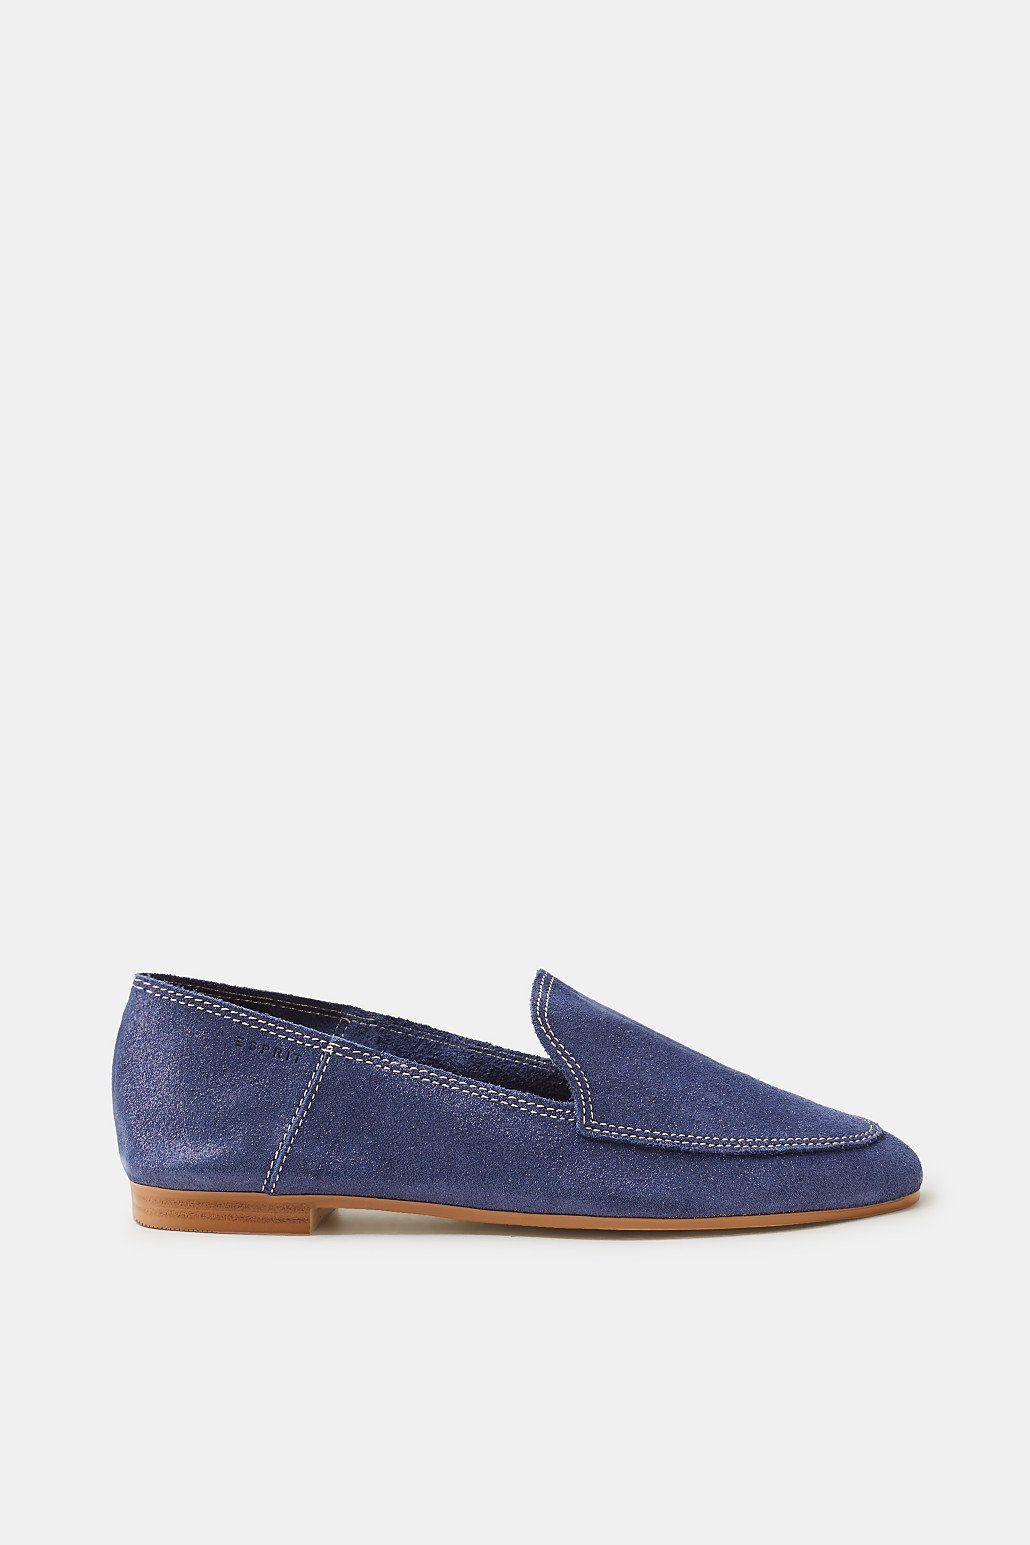 Esprit Loafer auf aufgerautem Leder mit Glitter-Finish für Damen, Größe 38, Pastel Pink